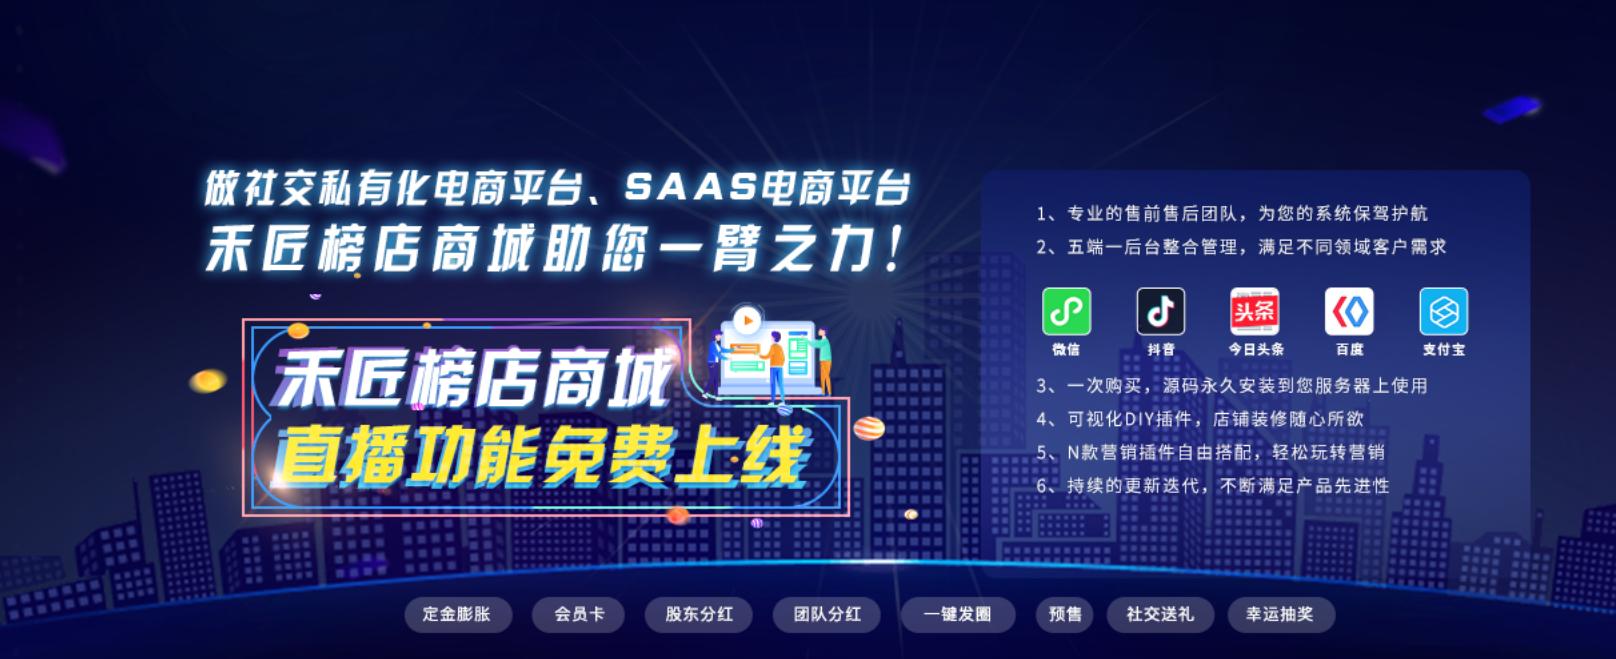 开源】禾匠榜店独立版4.2.60源码稳定商用版